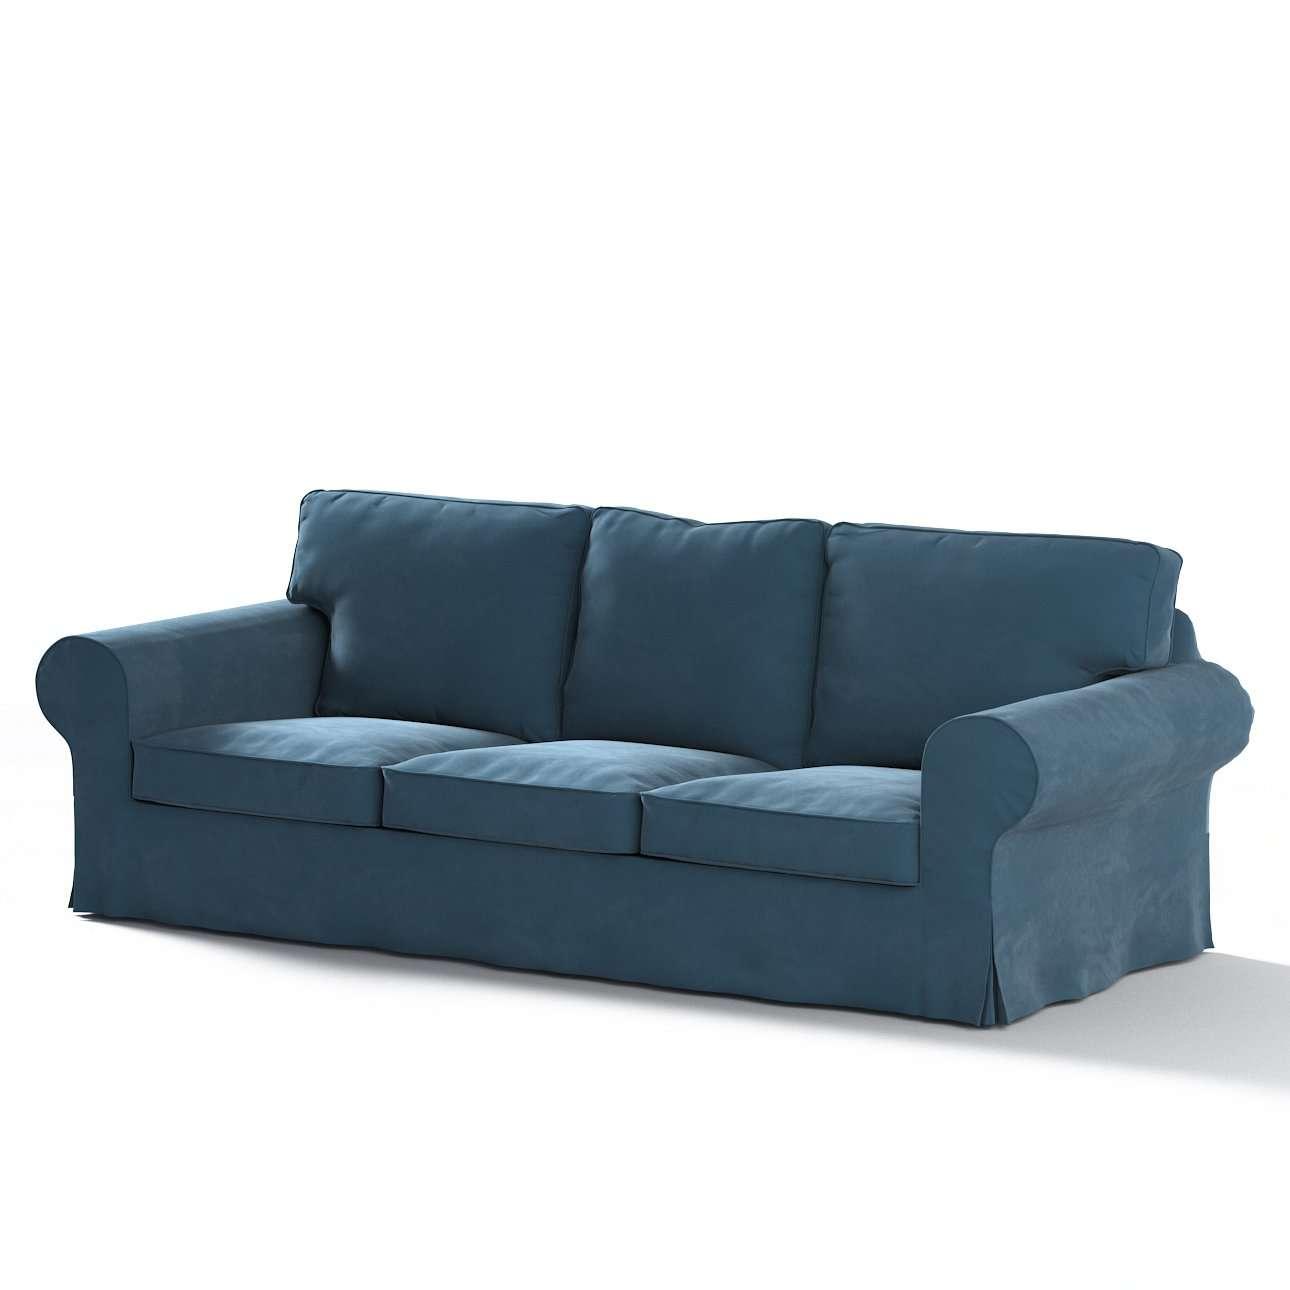 Pokrowiec na sofę Ektorp 3-osobową, nierozkładaną w kolekcji Velvet, tkanina: 704-16